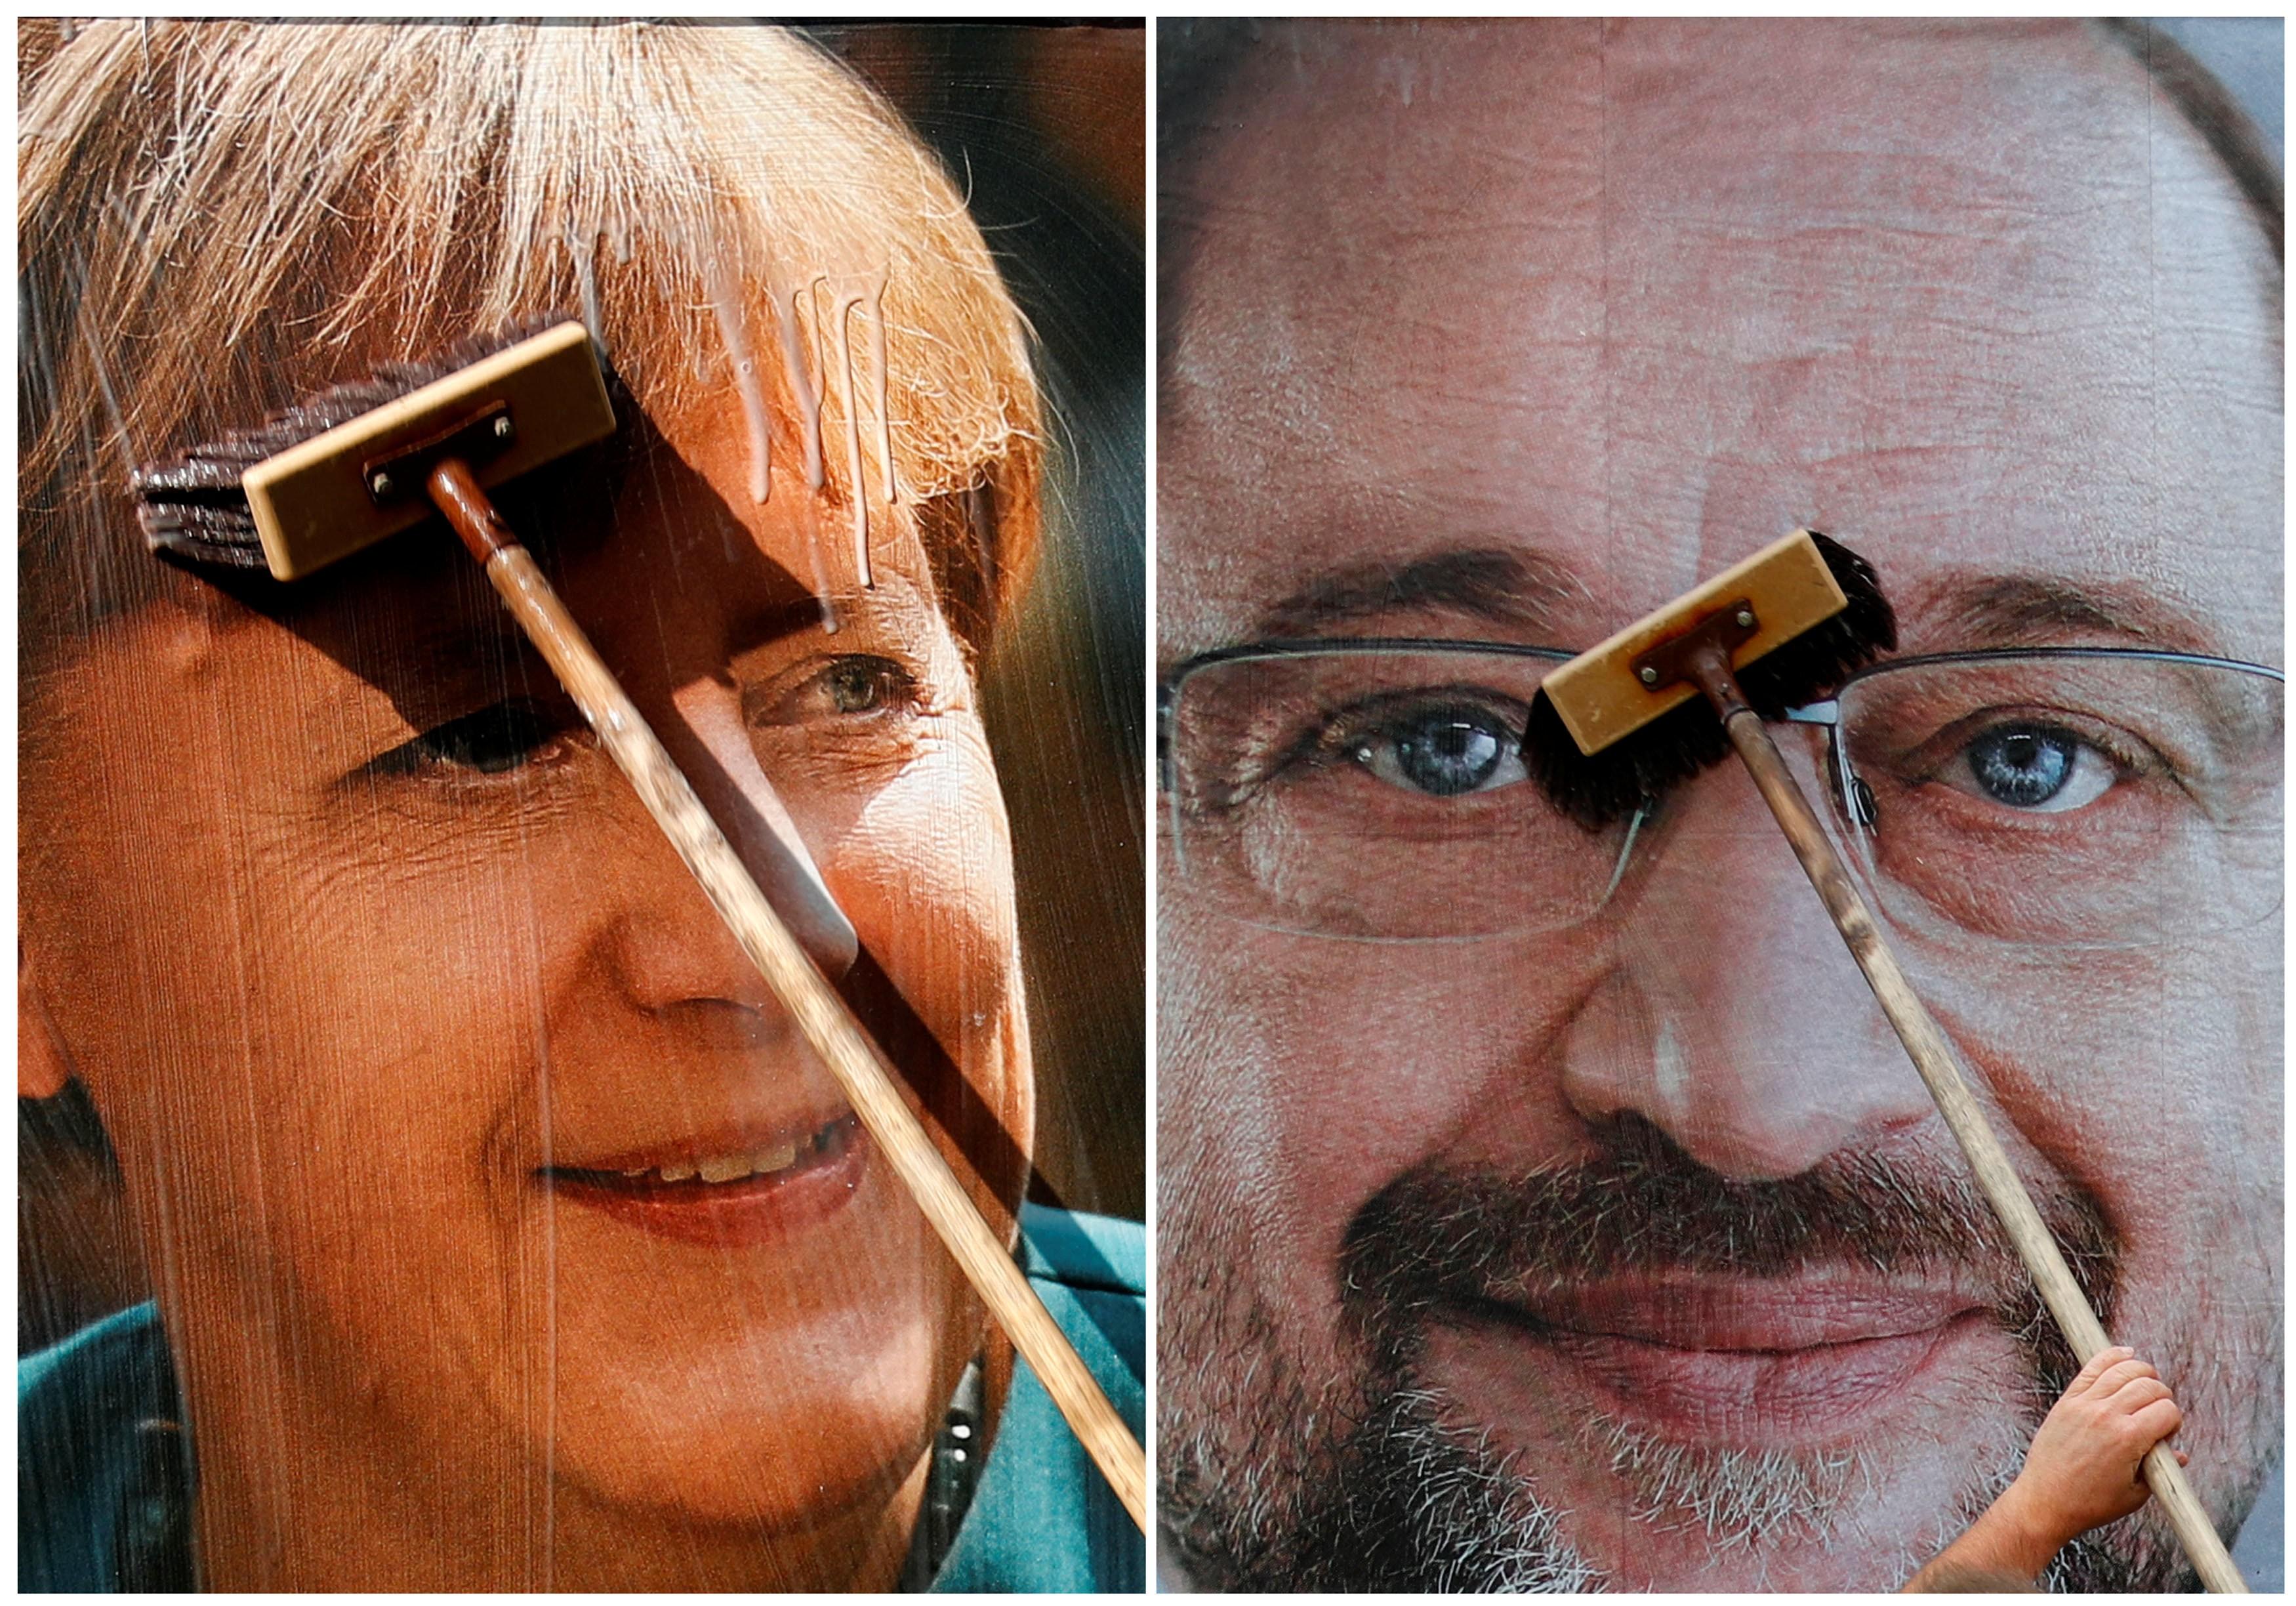 Refugiados, economia e o futuro da União Europeia: o que está em jogo nas eleições na Alemanha neste domingo